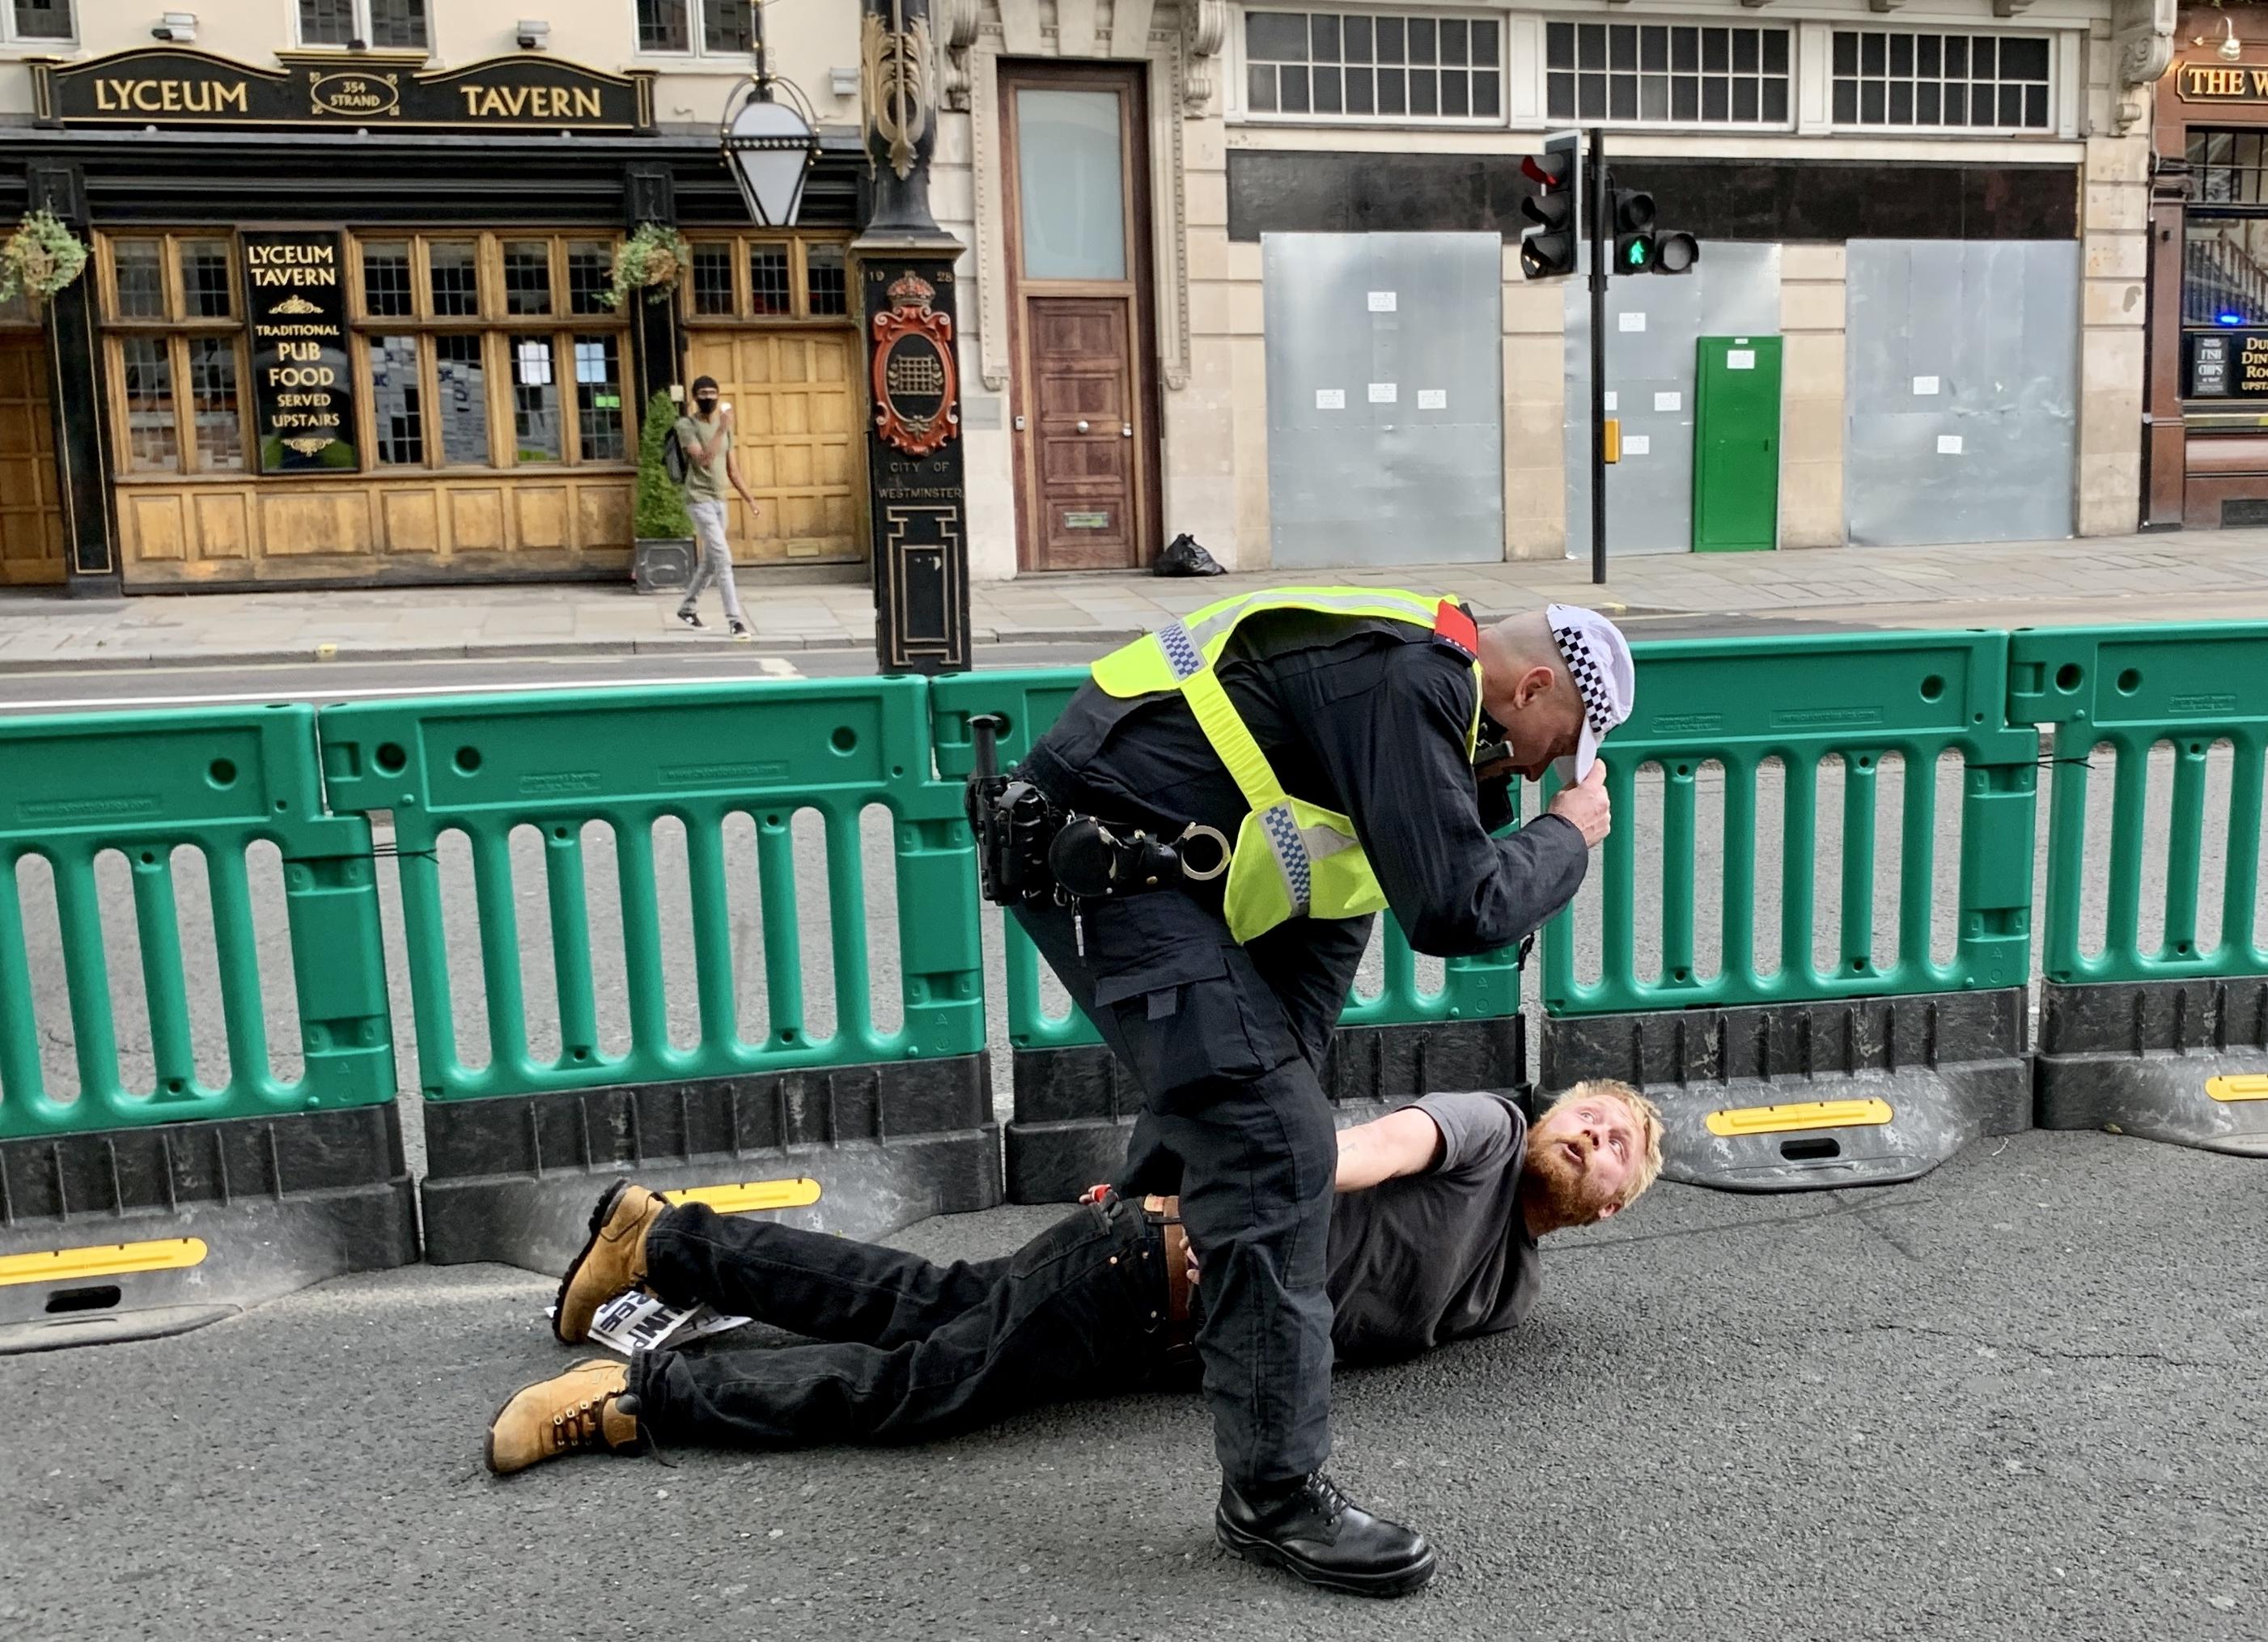 Több mint száz embert vettek őrizetbe Londonban, amikor összecsaptak a rasszizmusellenes tüntetők és a szélsőjobbosok